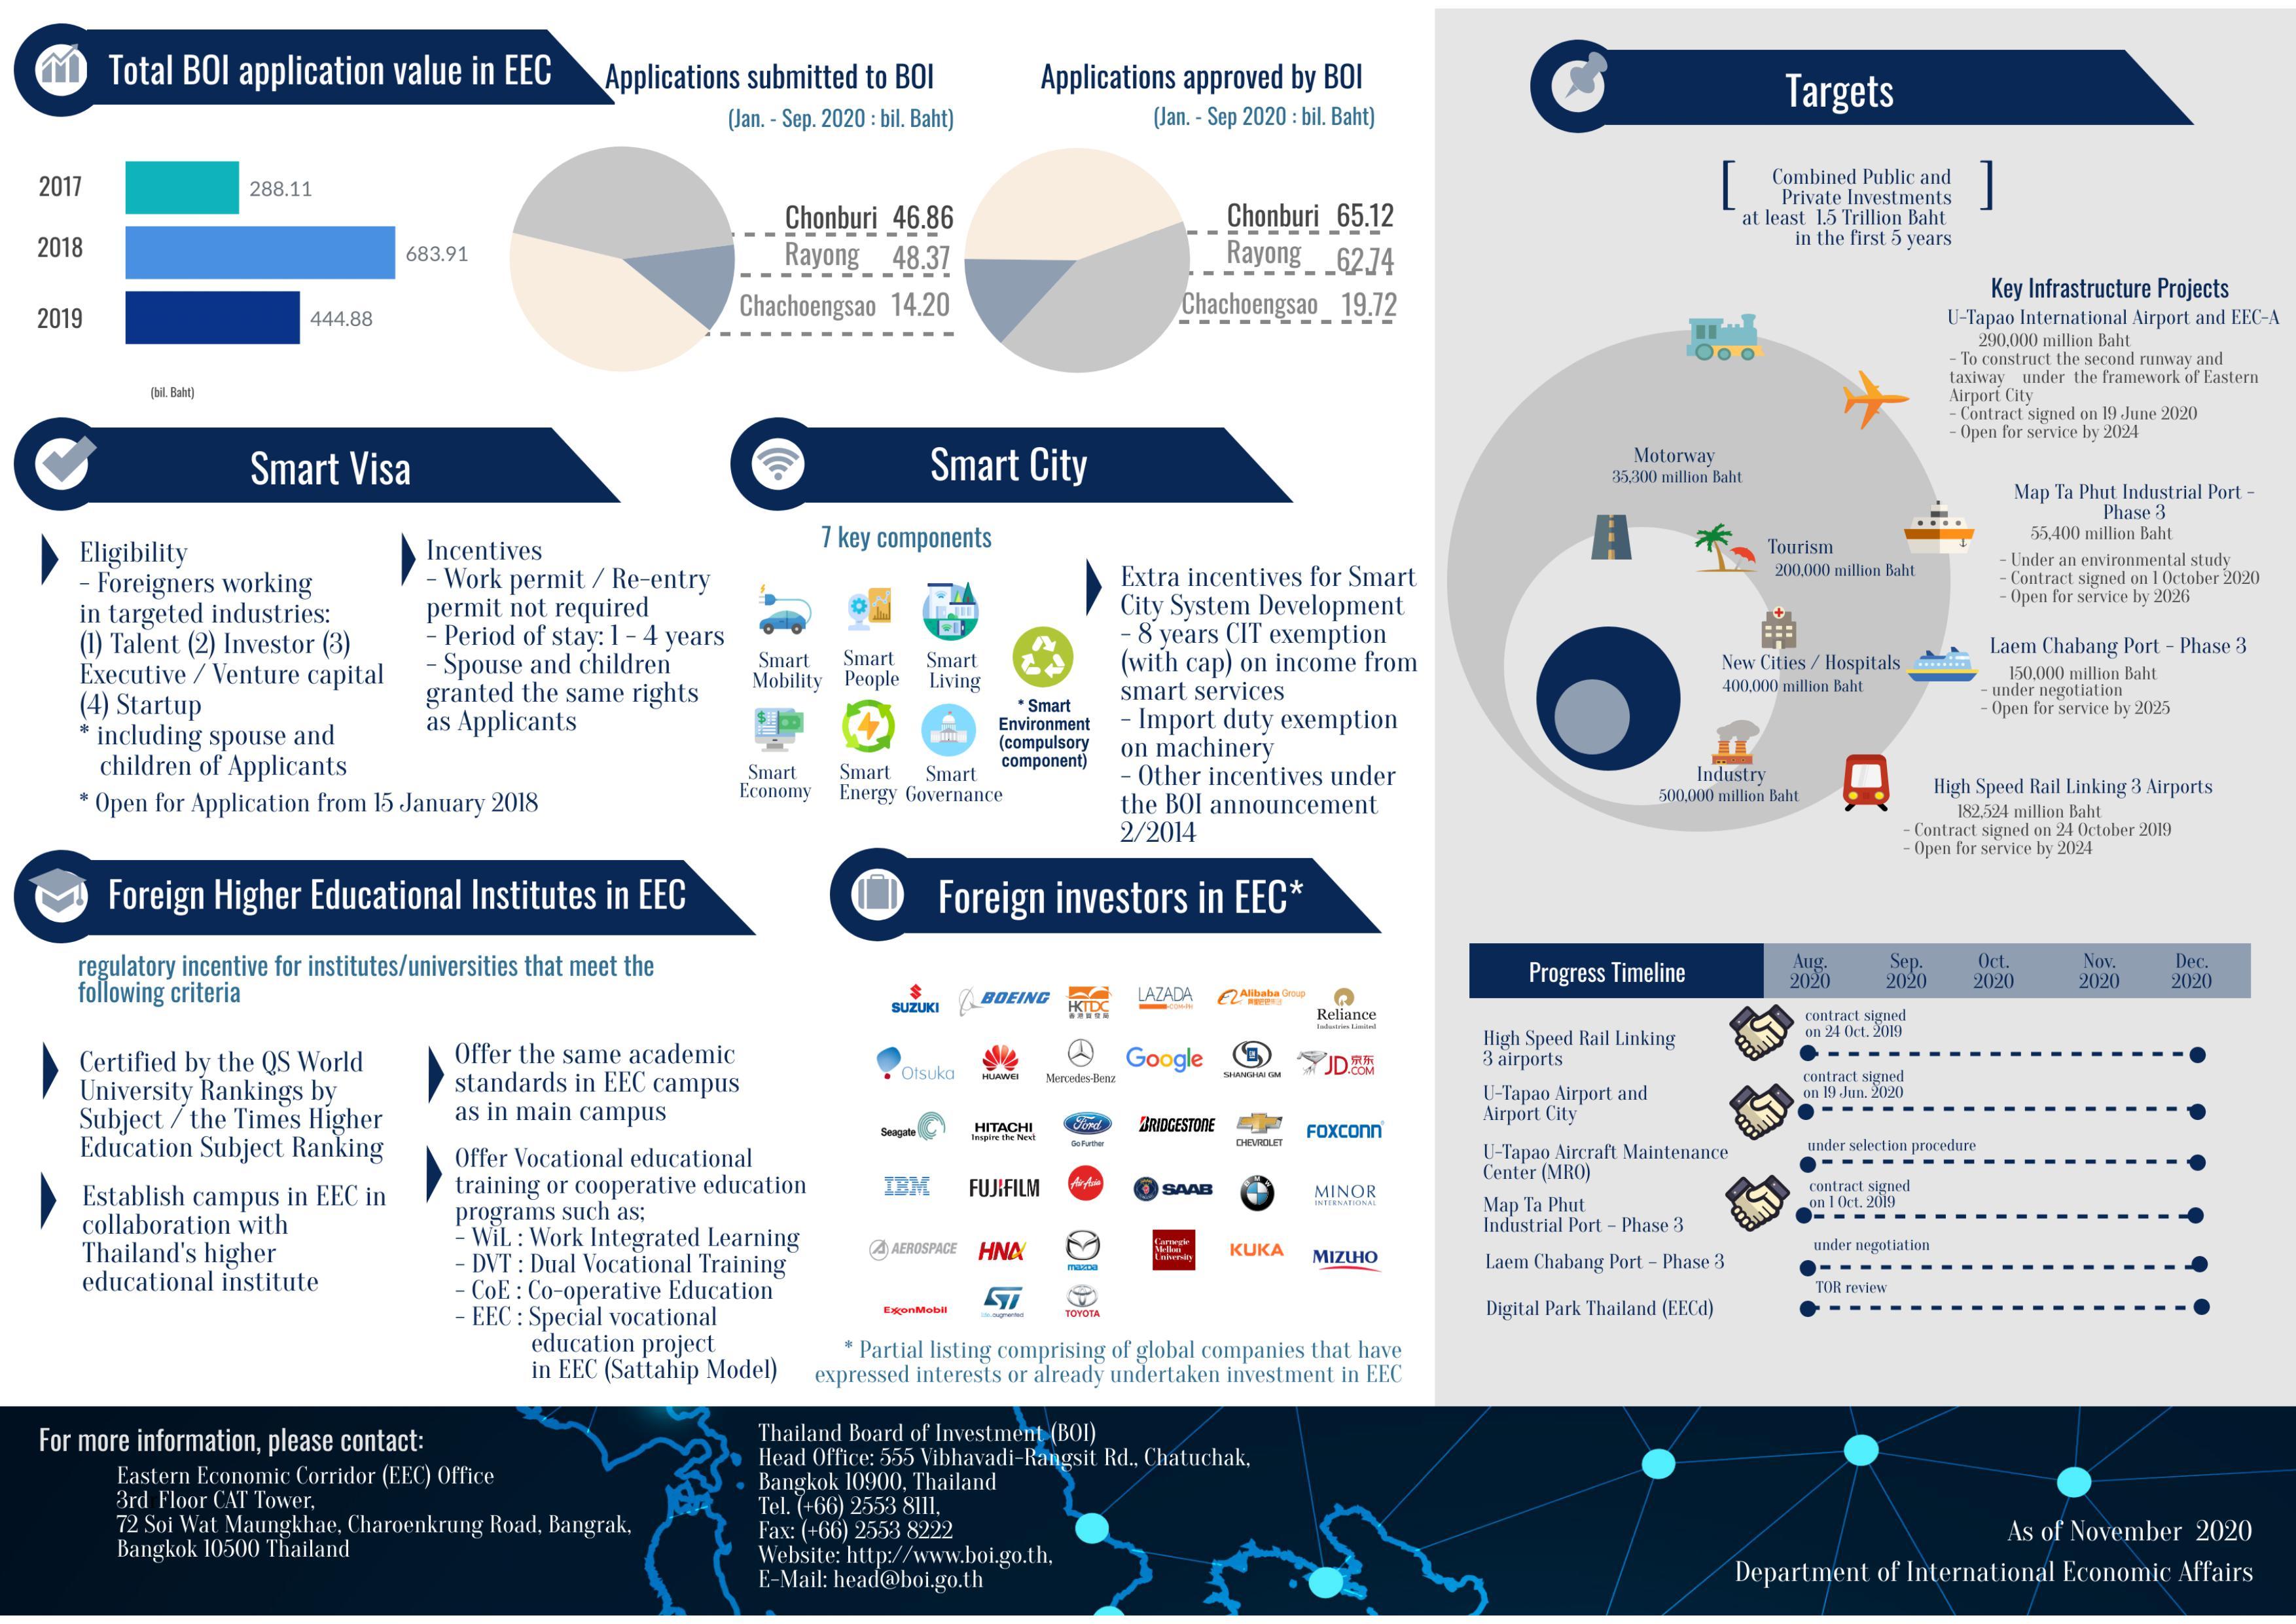 Infographic_โครงการเขตพัฒนาพิเศษภาคตะวันออก-รูปภาพ_2